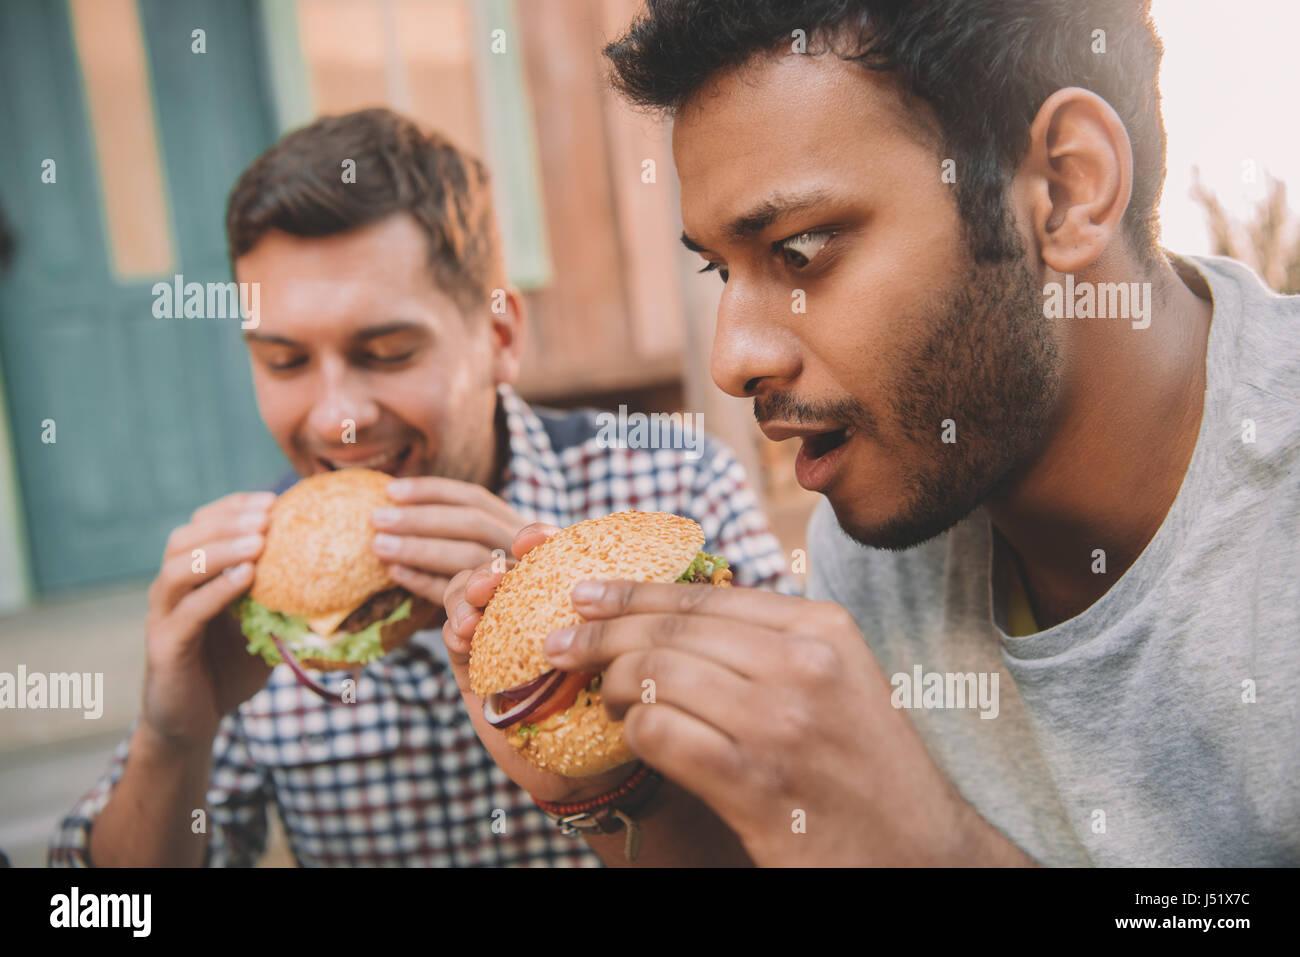 Vista ravvicinata emotiva di giovani uomini di mangiare hamburger gourmet all'aperto Immagini Stock